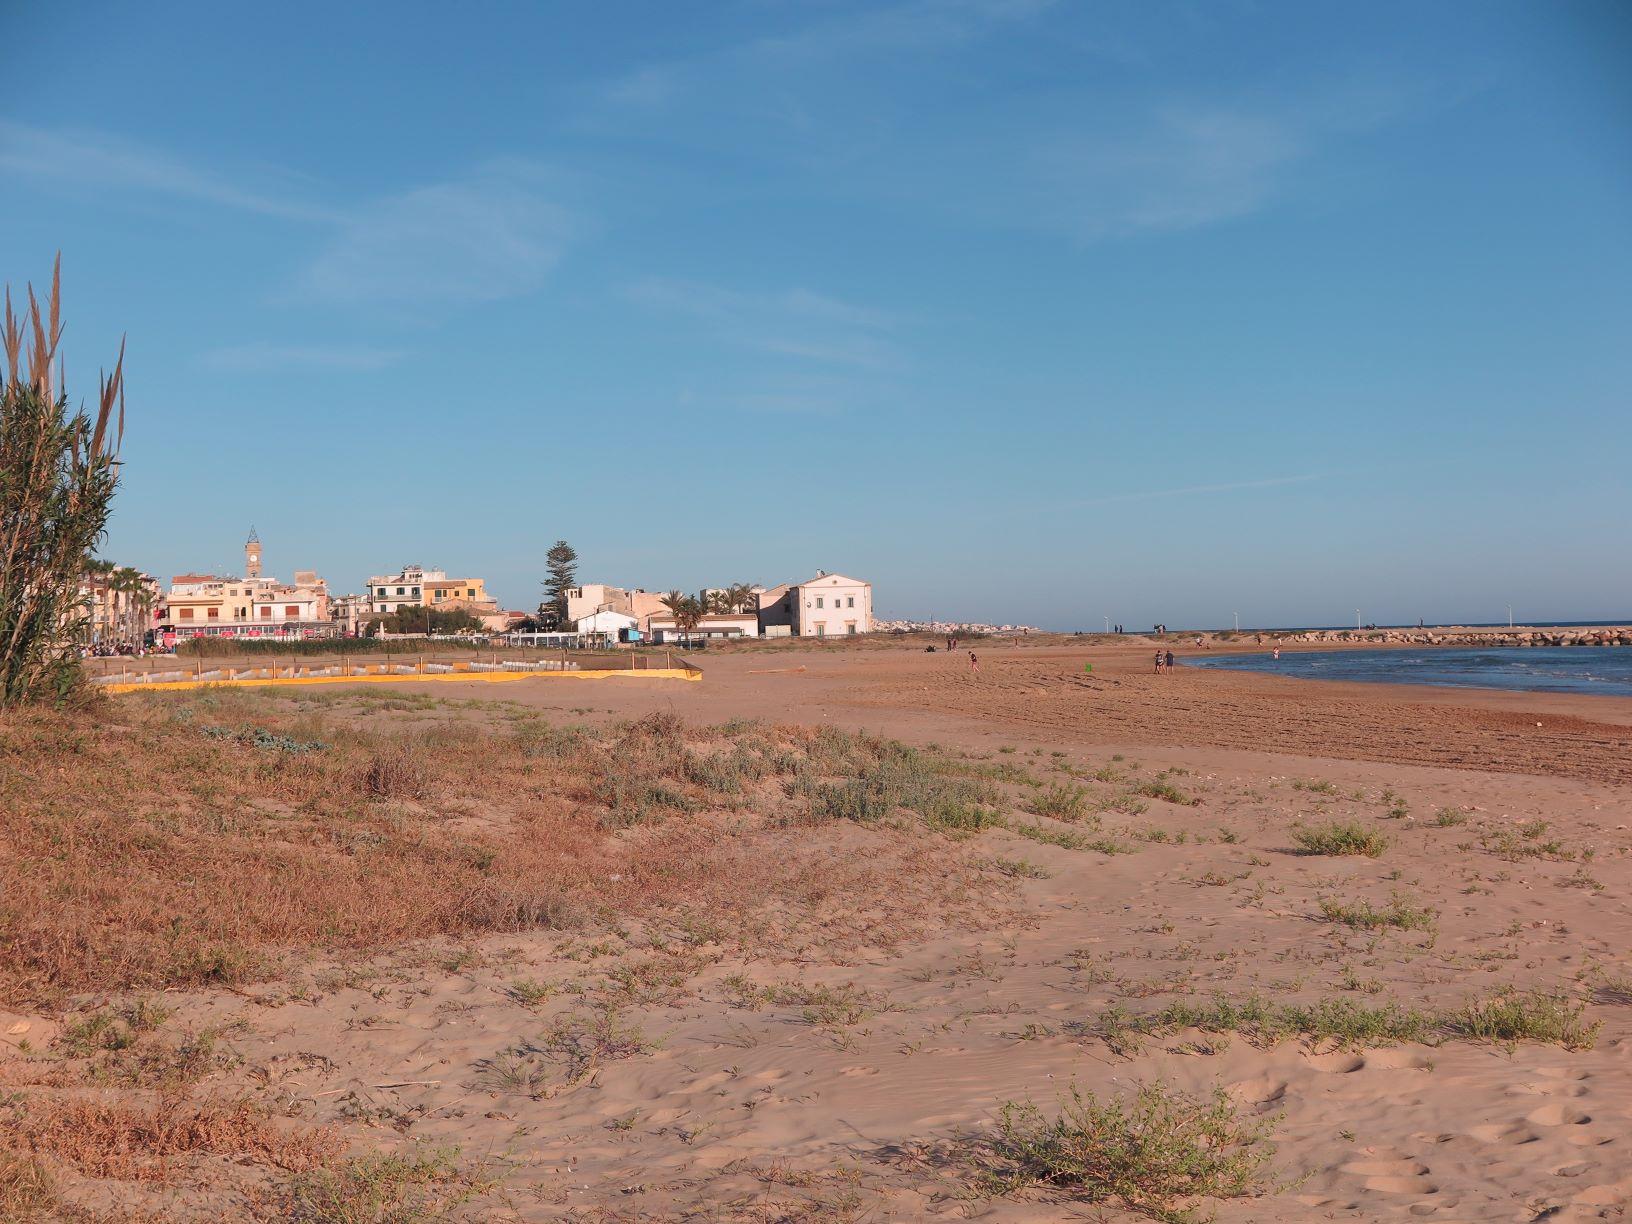 foto 1 la spiaggia di Ponente vista da ovest. Al centro il cantiere AGGRESSIONE ALLA SPIAGGIA LIBERA